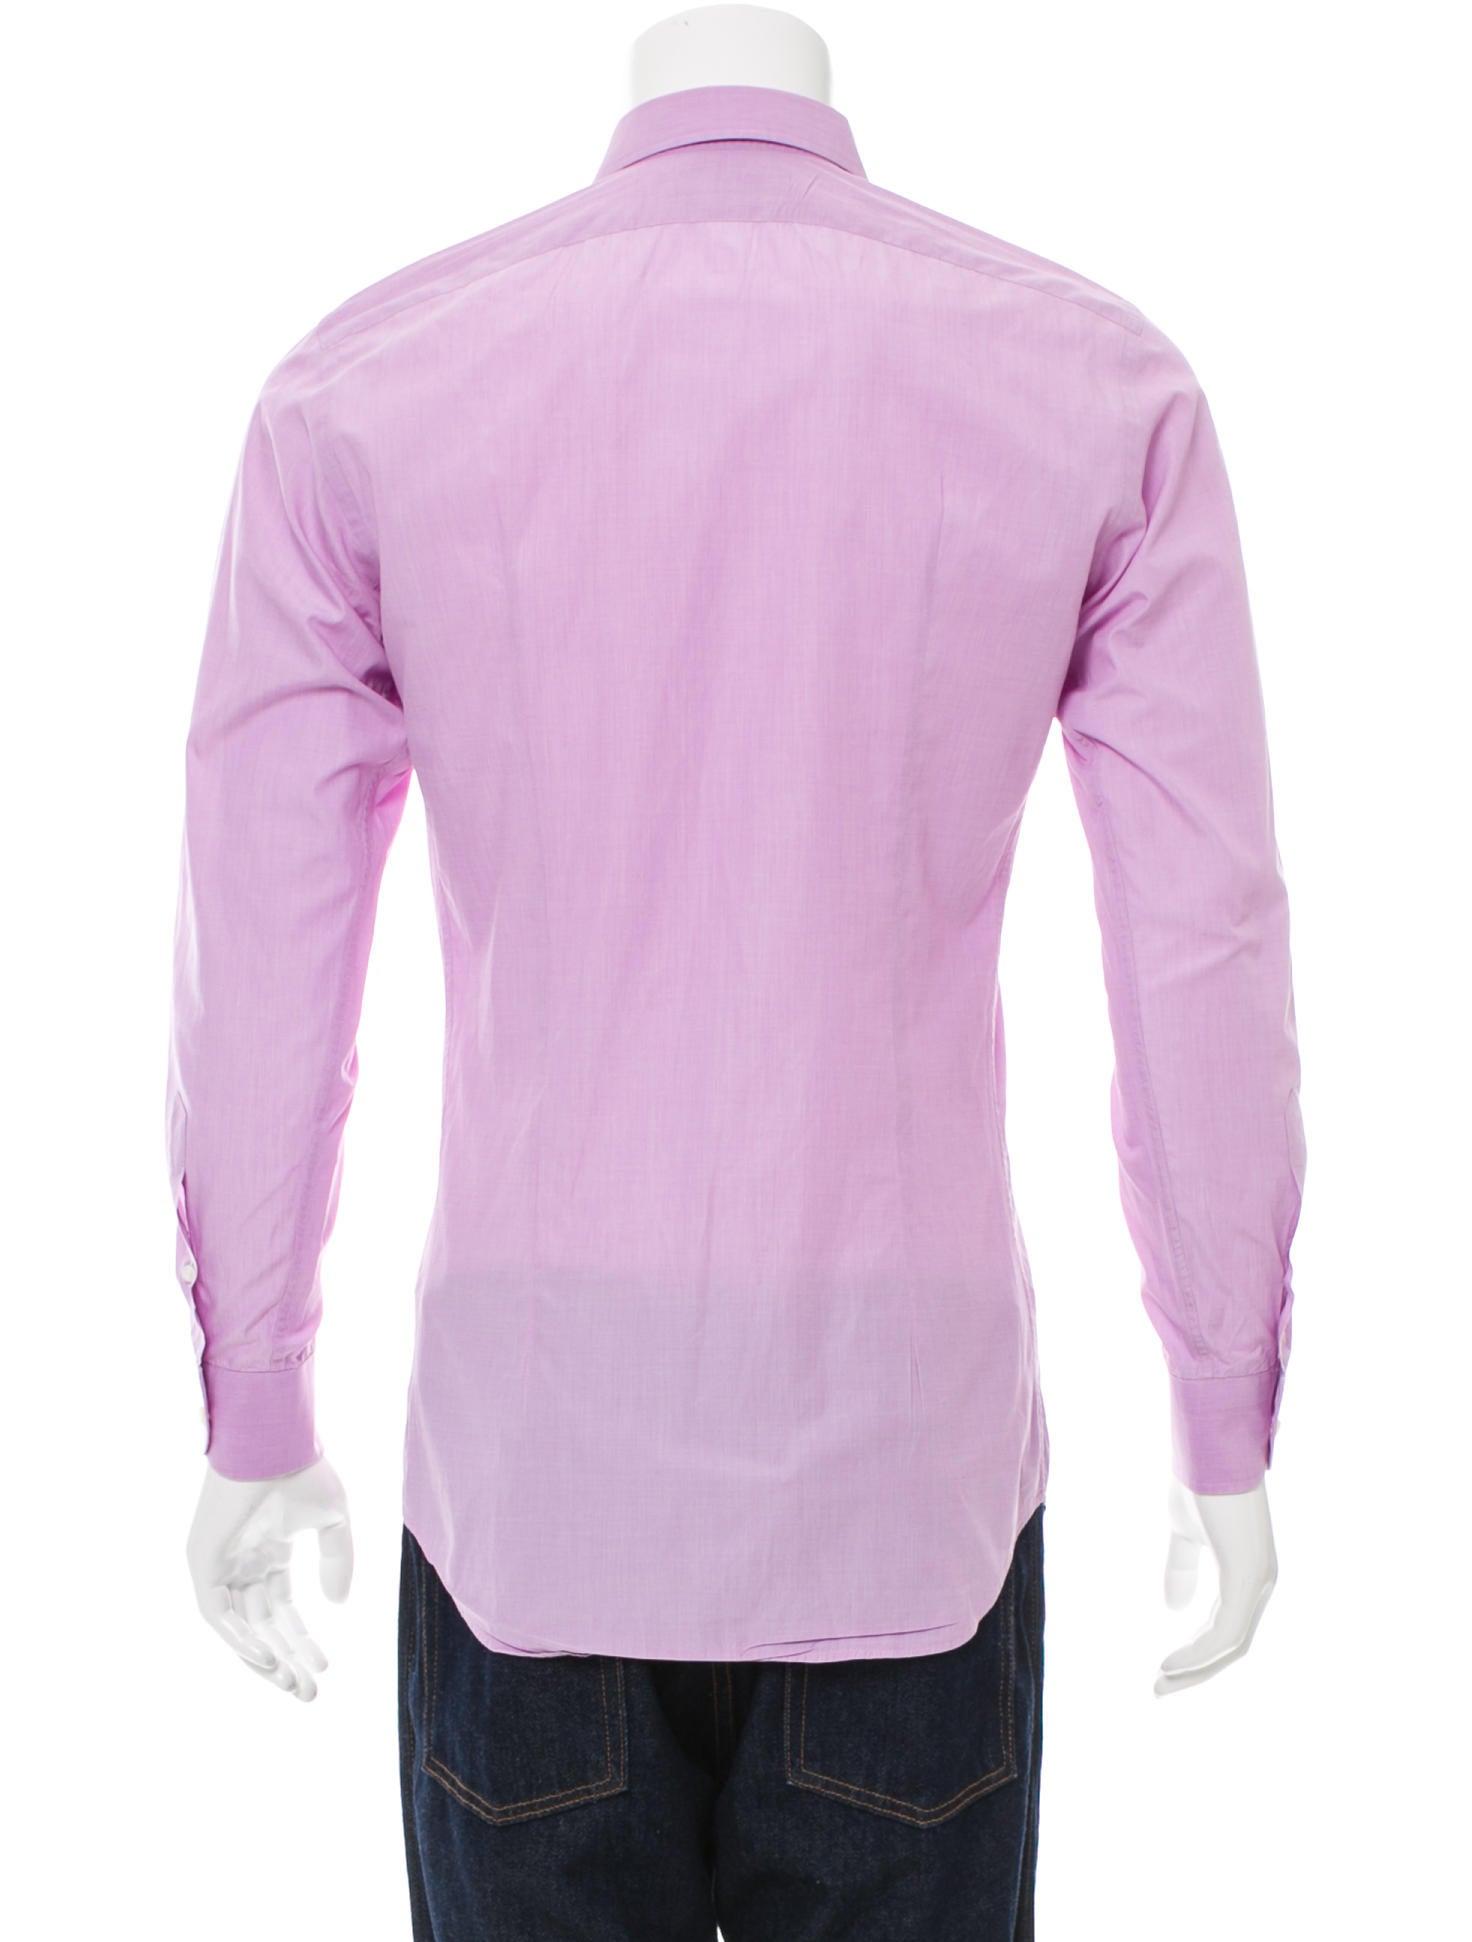 Ralph Lauren Black Label Long Sleeve Button Up Shirt